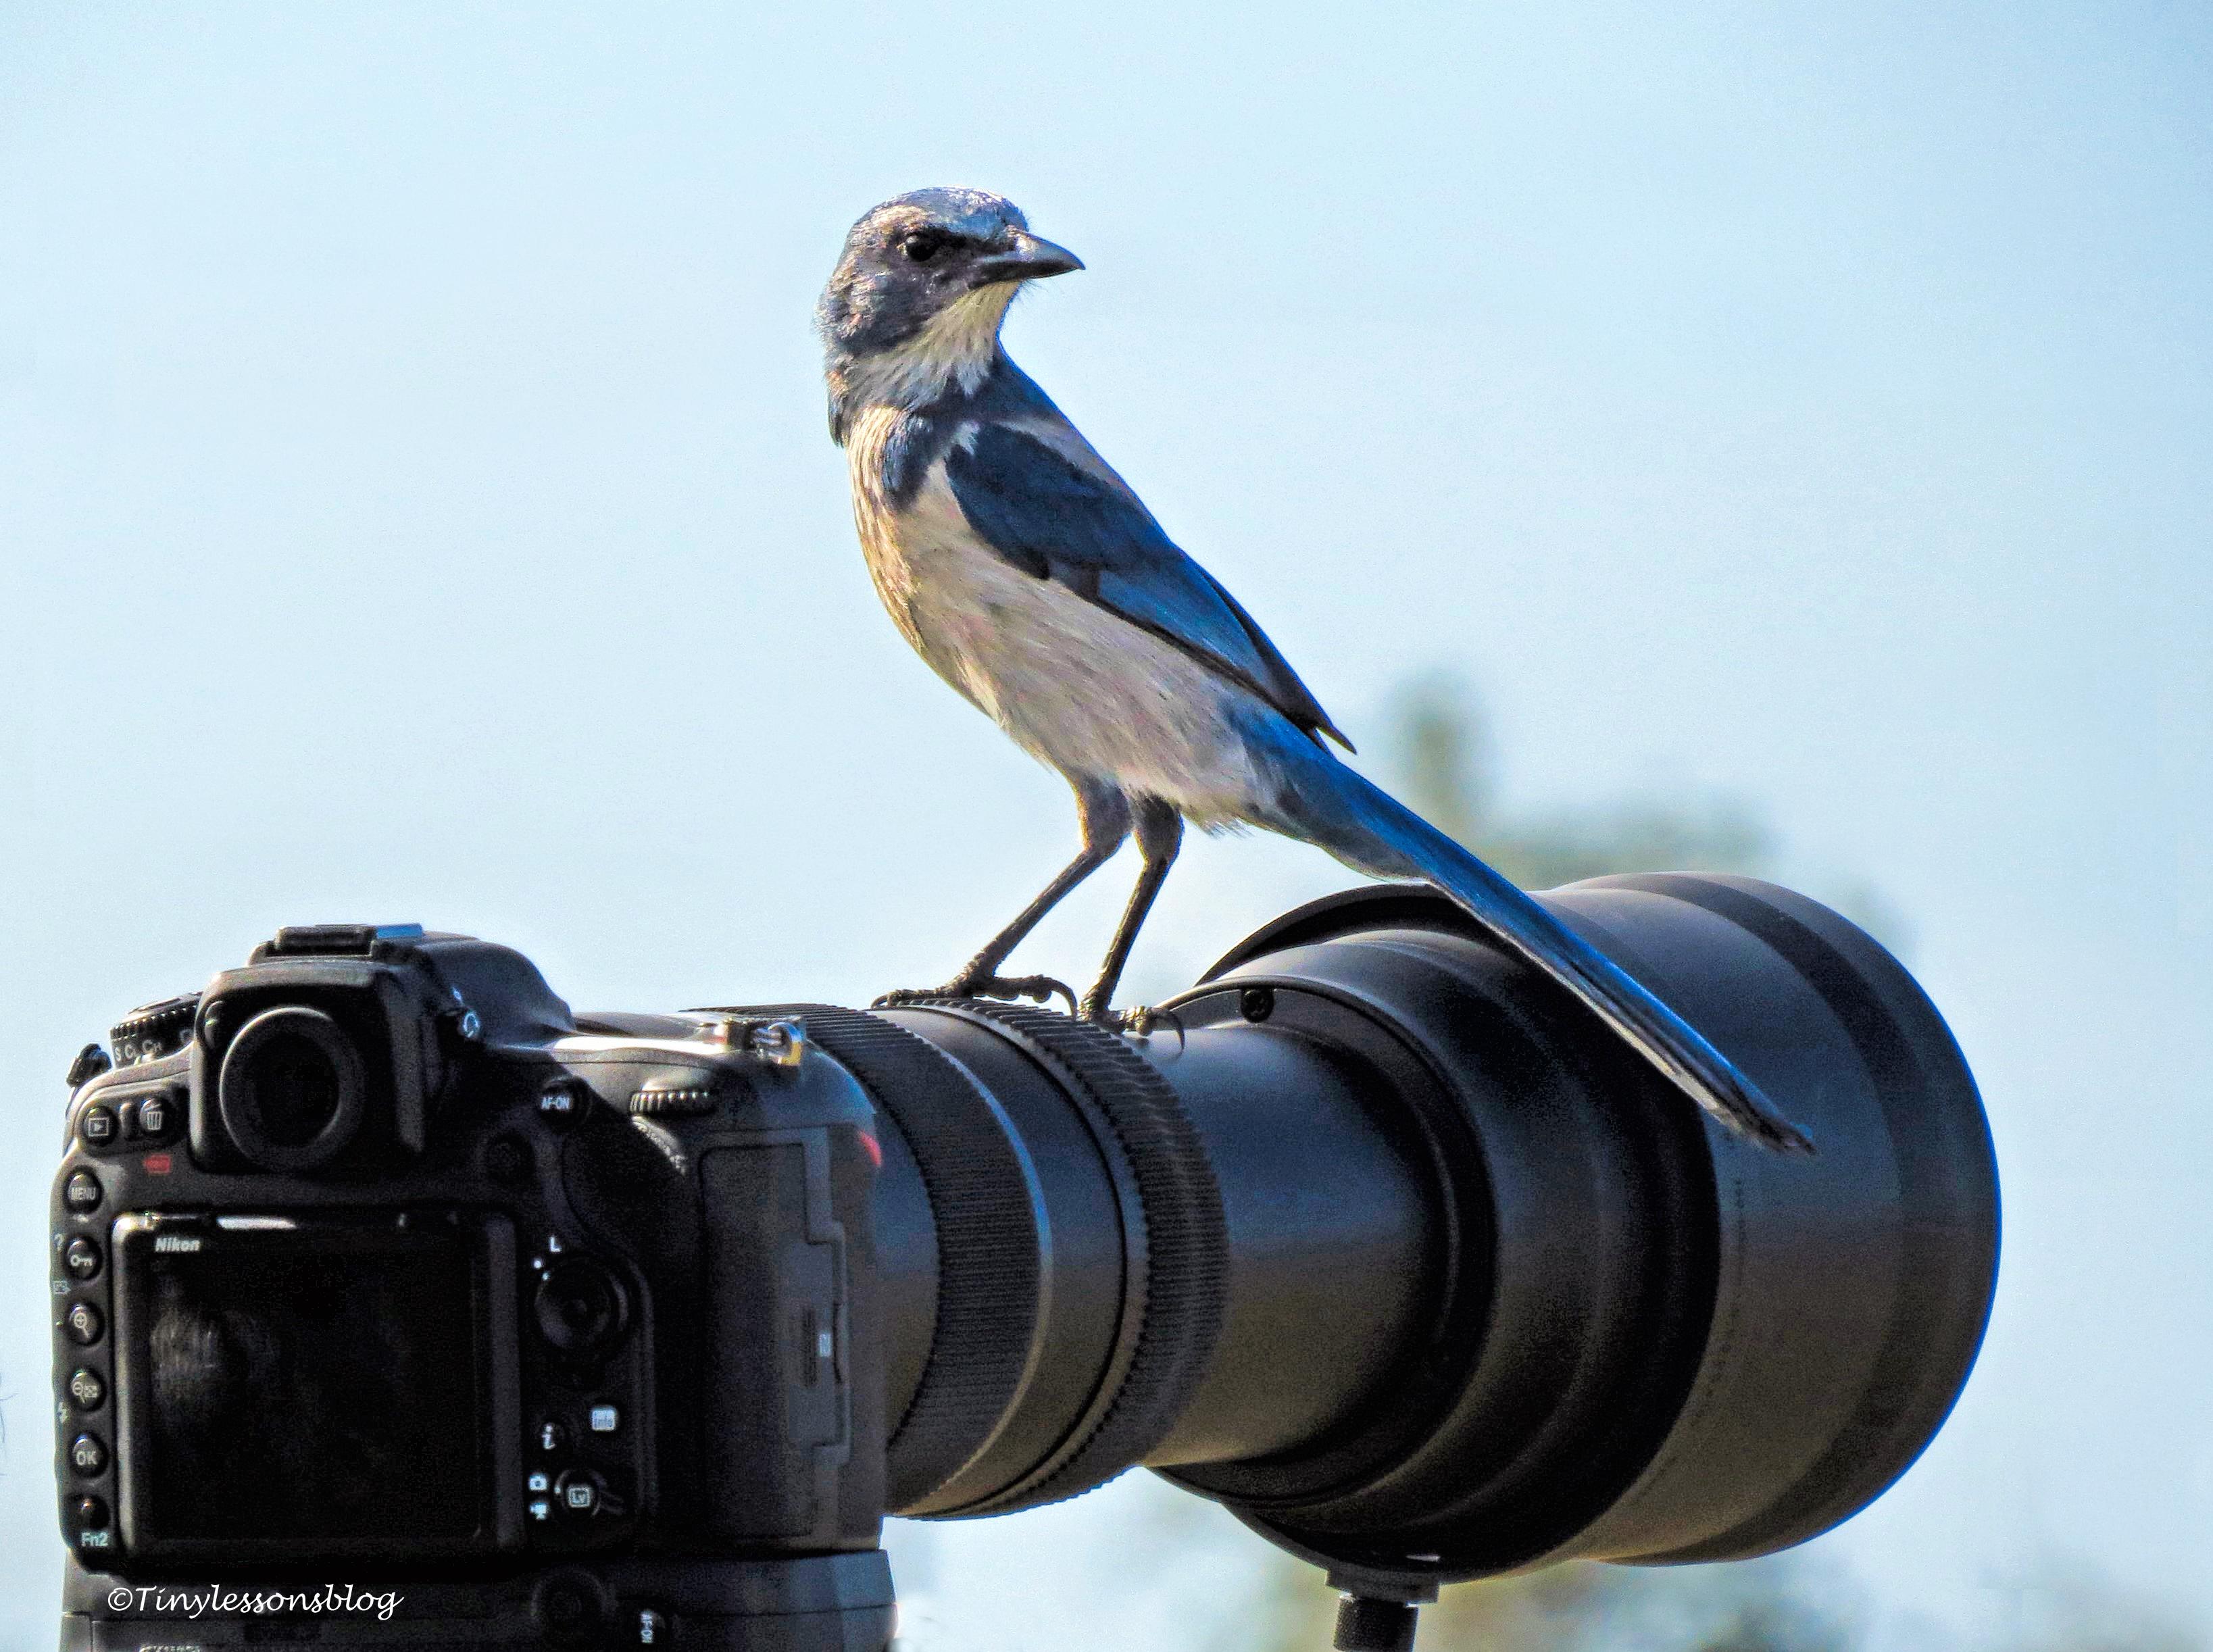 Florida Scrub Jay on Camera UD152